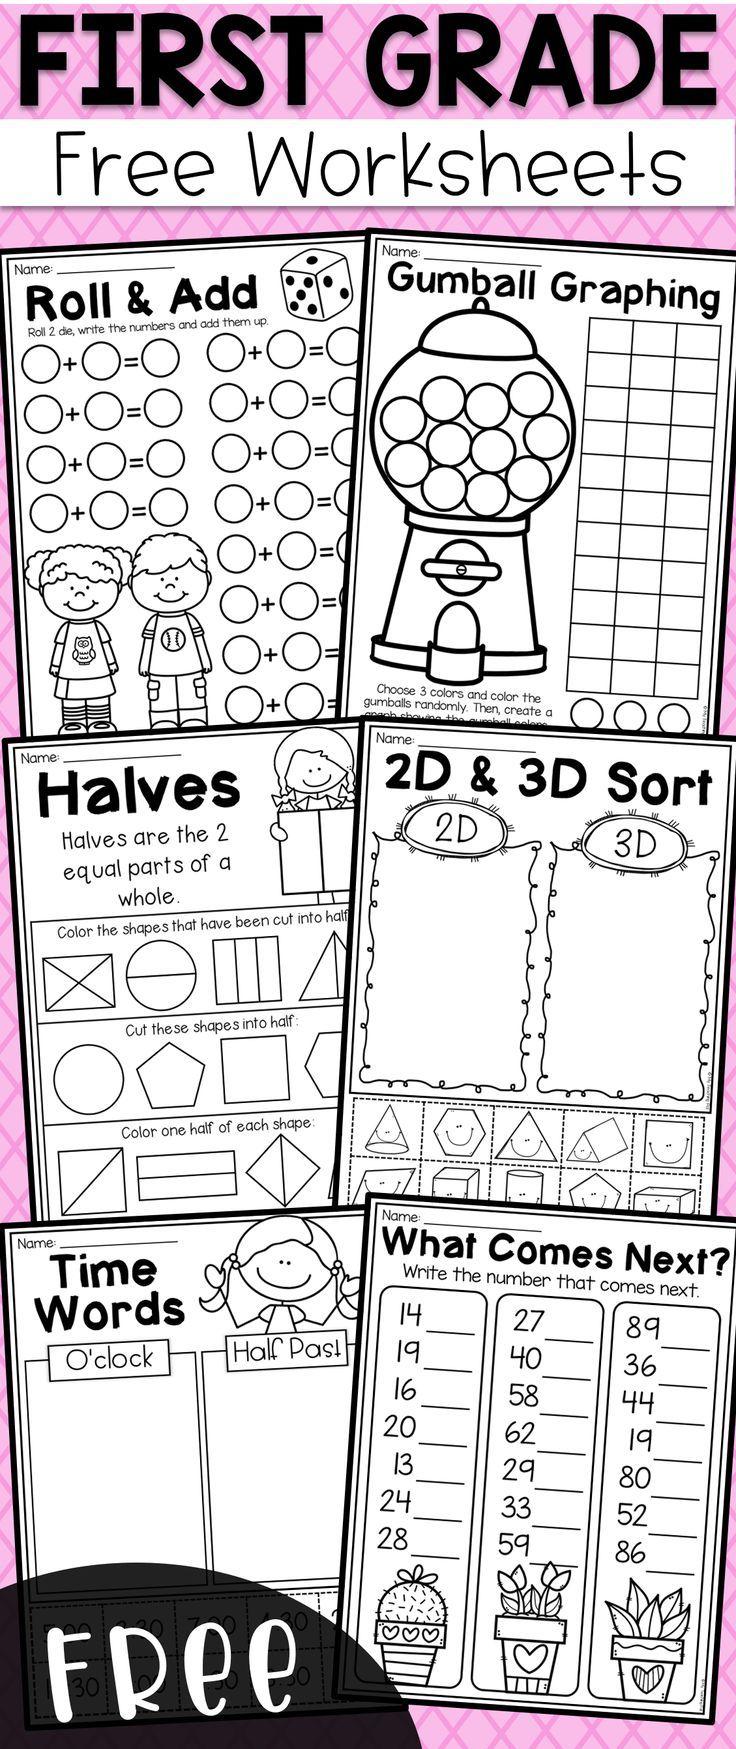 Free First Grade Math Worksheets First Grade Math Worksheets First Grade Worksheets First Grade Math